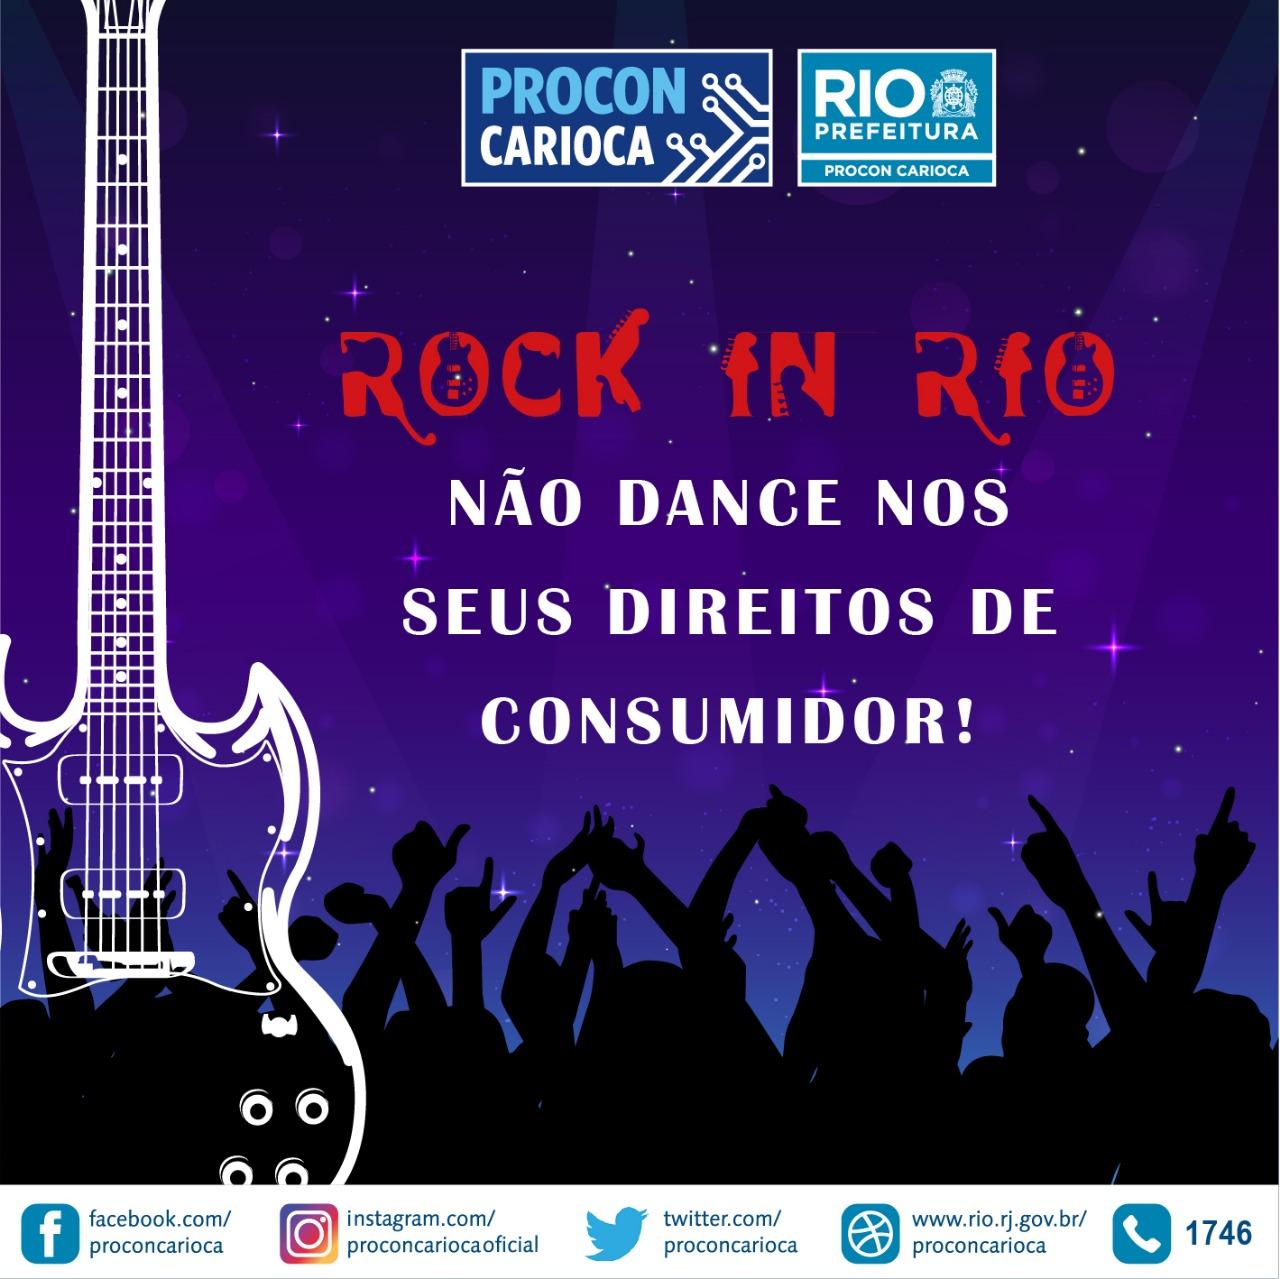 Rock in Rio – Não dance nos seus direitos